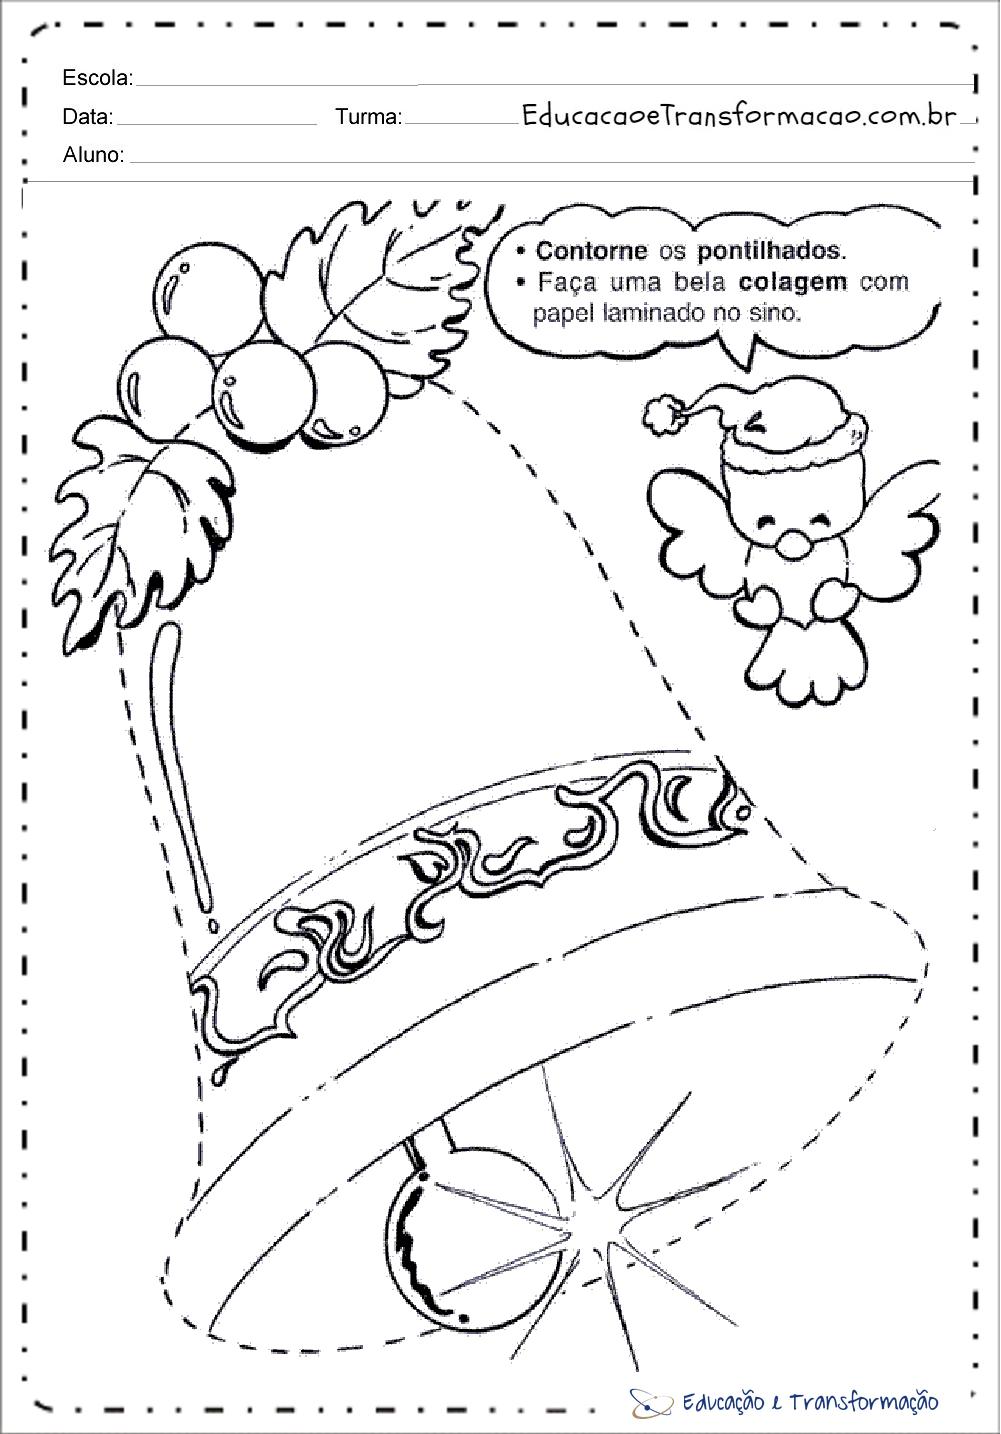 Conhecido de Natal para educação infantil - Para imprimir - Series Iniciais CY04